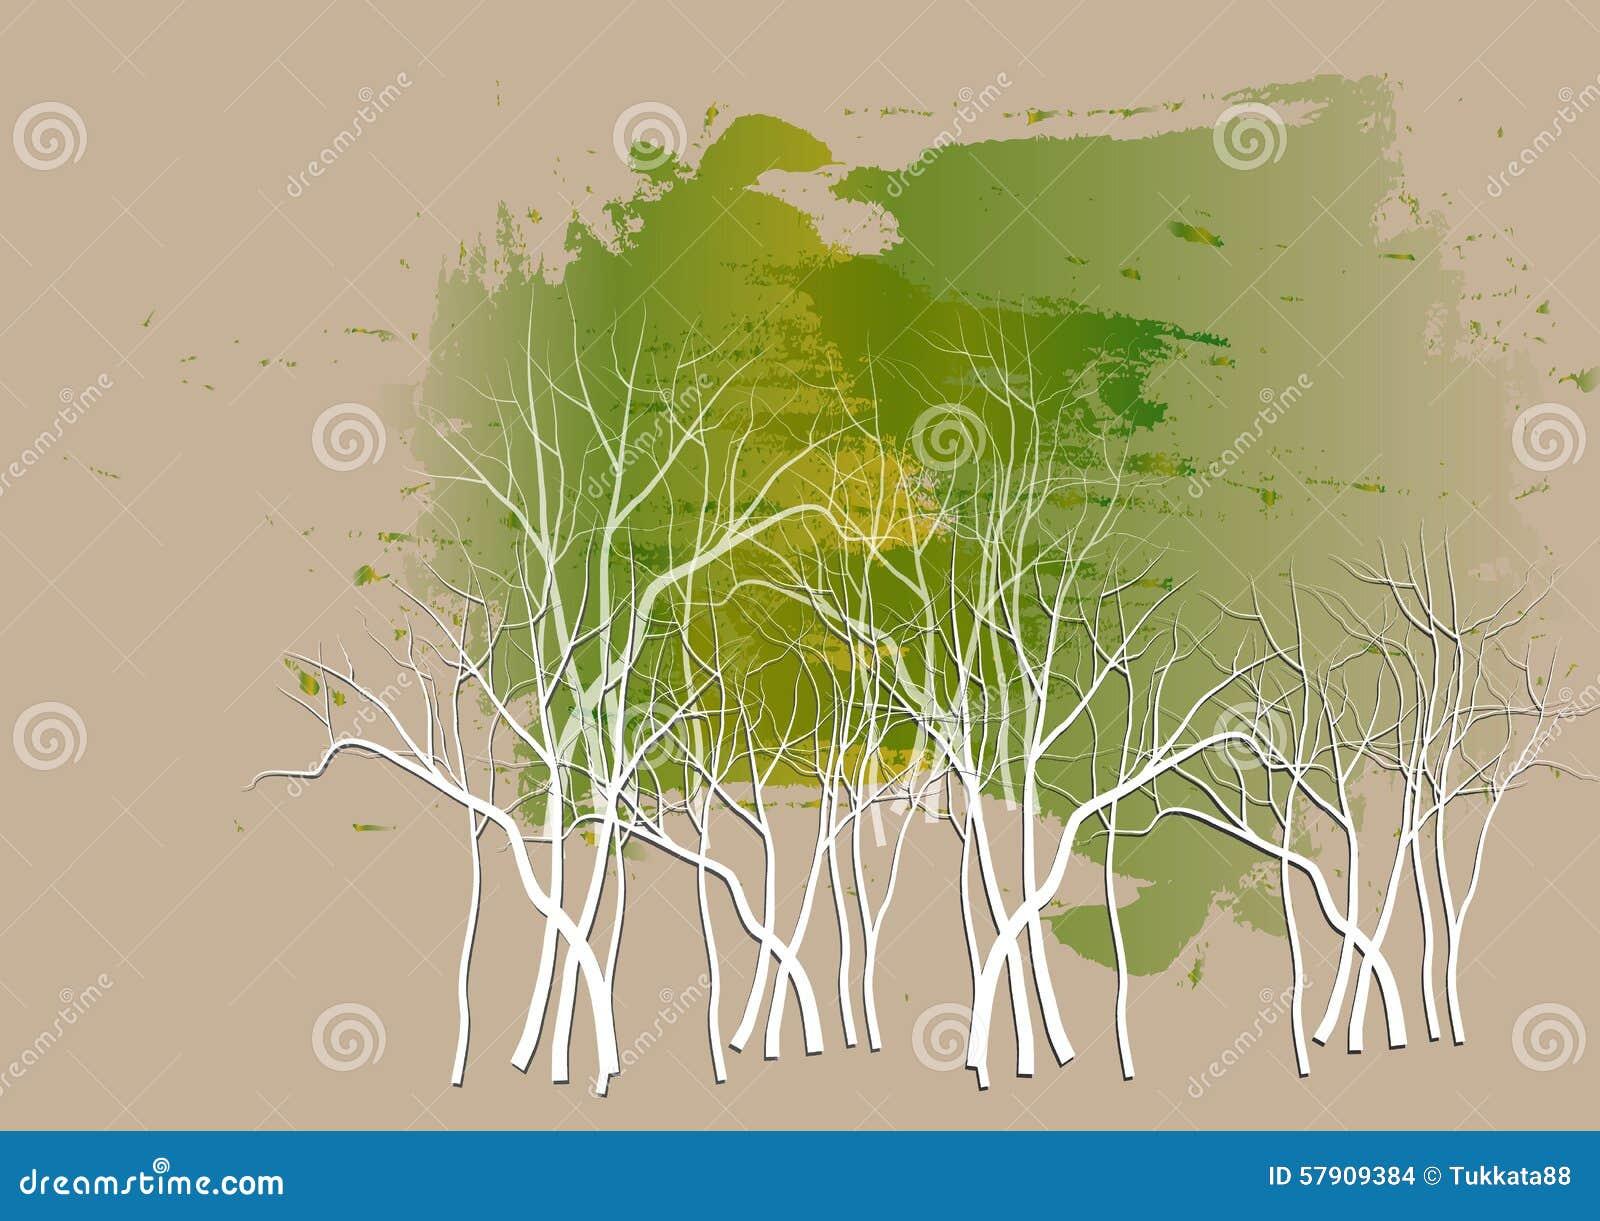 Δασικό υπόβαθρο, άσπρο υπόβαθρο watercolor περικοπών εγγράφου δέντρων, διανυσματική απεικόνιση